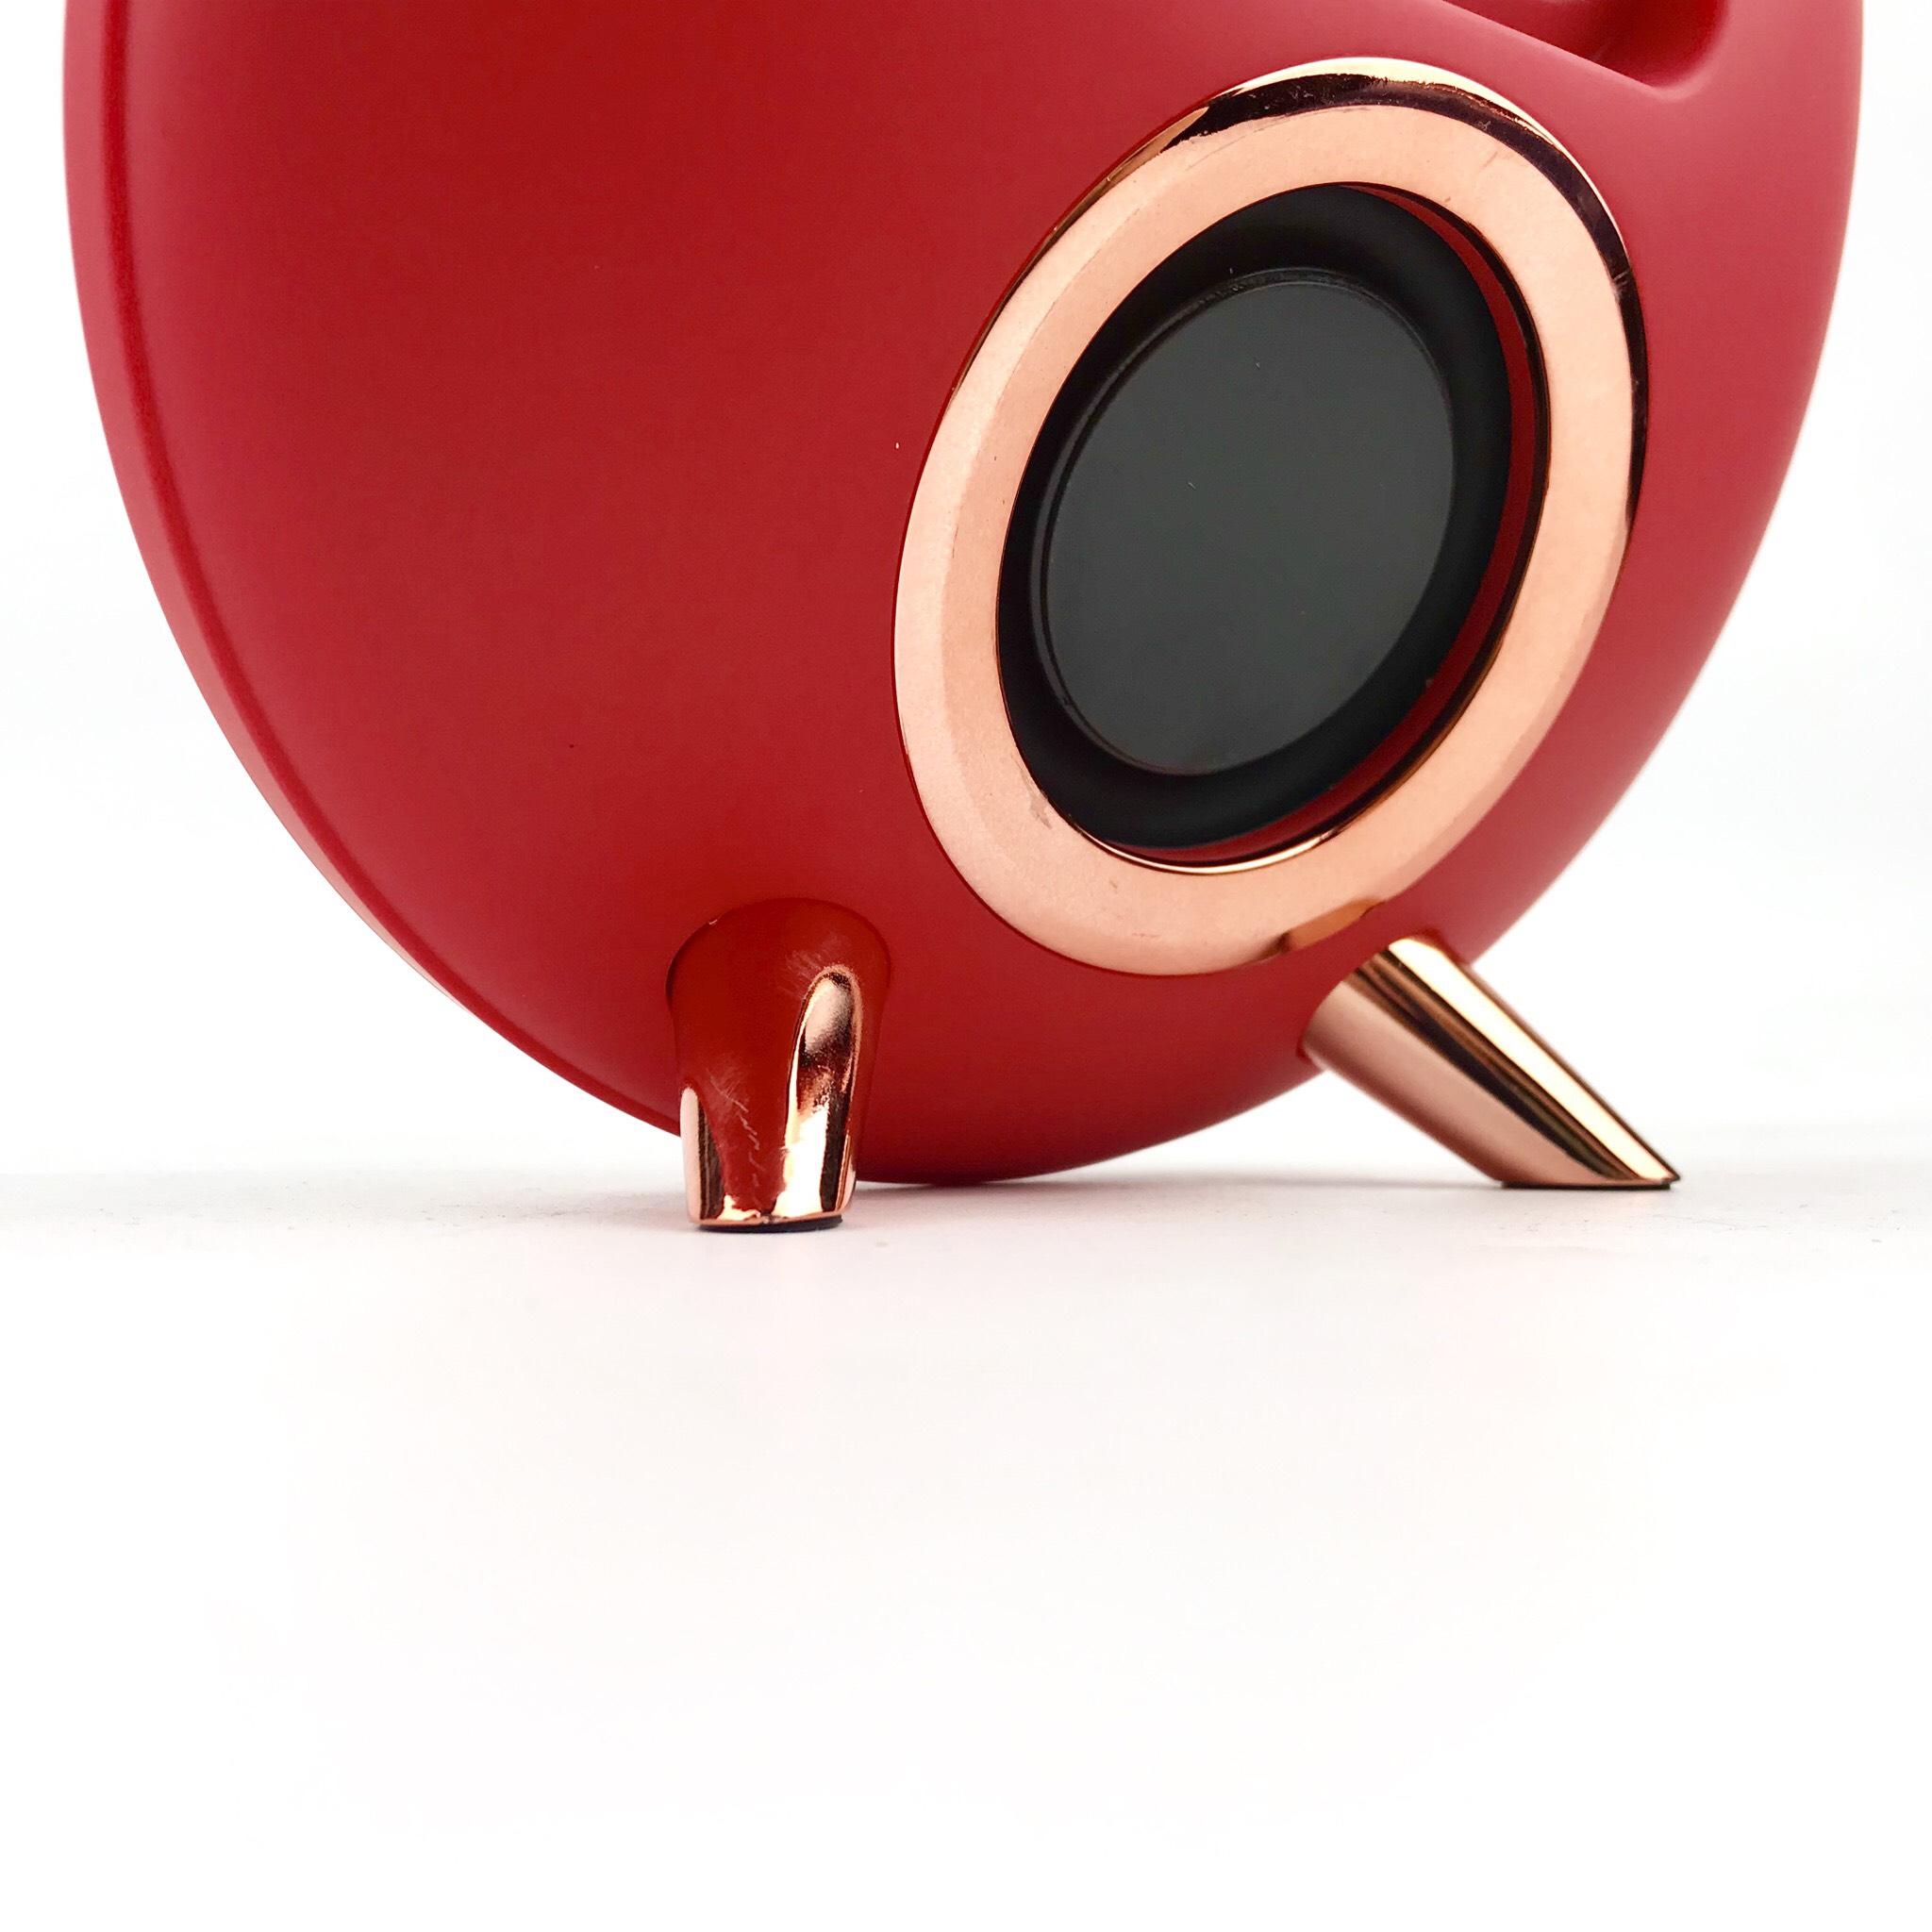 Loa Bluetooth Xách Tay Xtreme H19 Thiết Kế Hình Giọt Nước, Loa Nghe Nhạc Không Dây, Âm Thanh Cực hay, Bass Siêu Trầm, Hỗ Trợ Kết Nối USB, Thẻ Nhớ TF, Đài FM, Cổng 3.5, Nhiều Màu Sắc - Hàng chính hãng